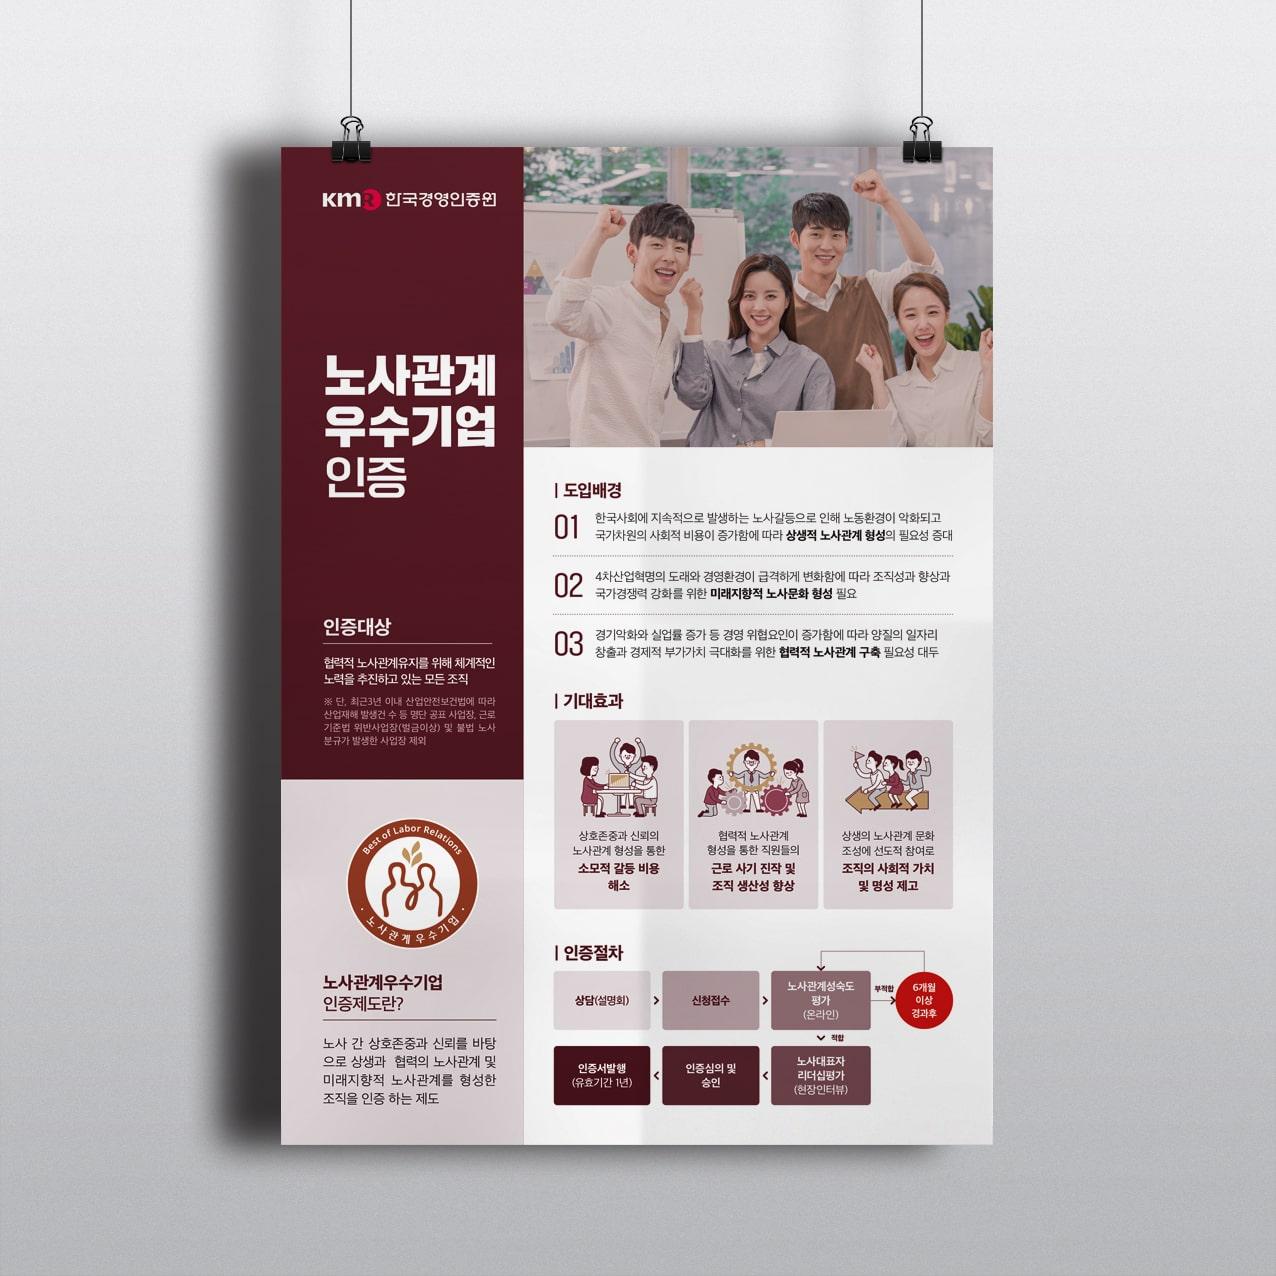 노사관계 우수기업 인증 - 한국경영인증원